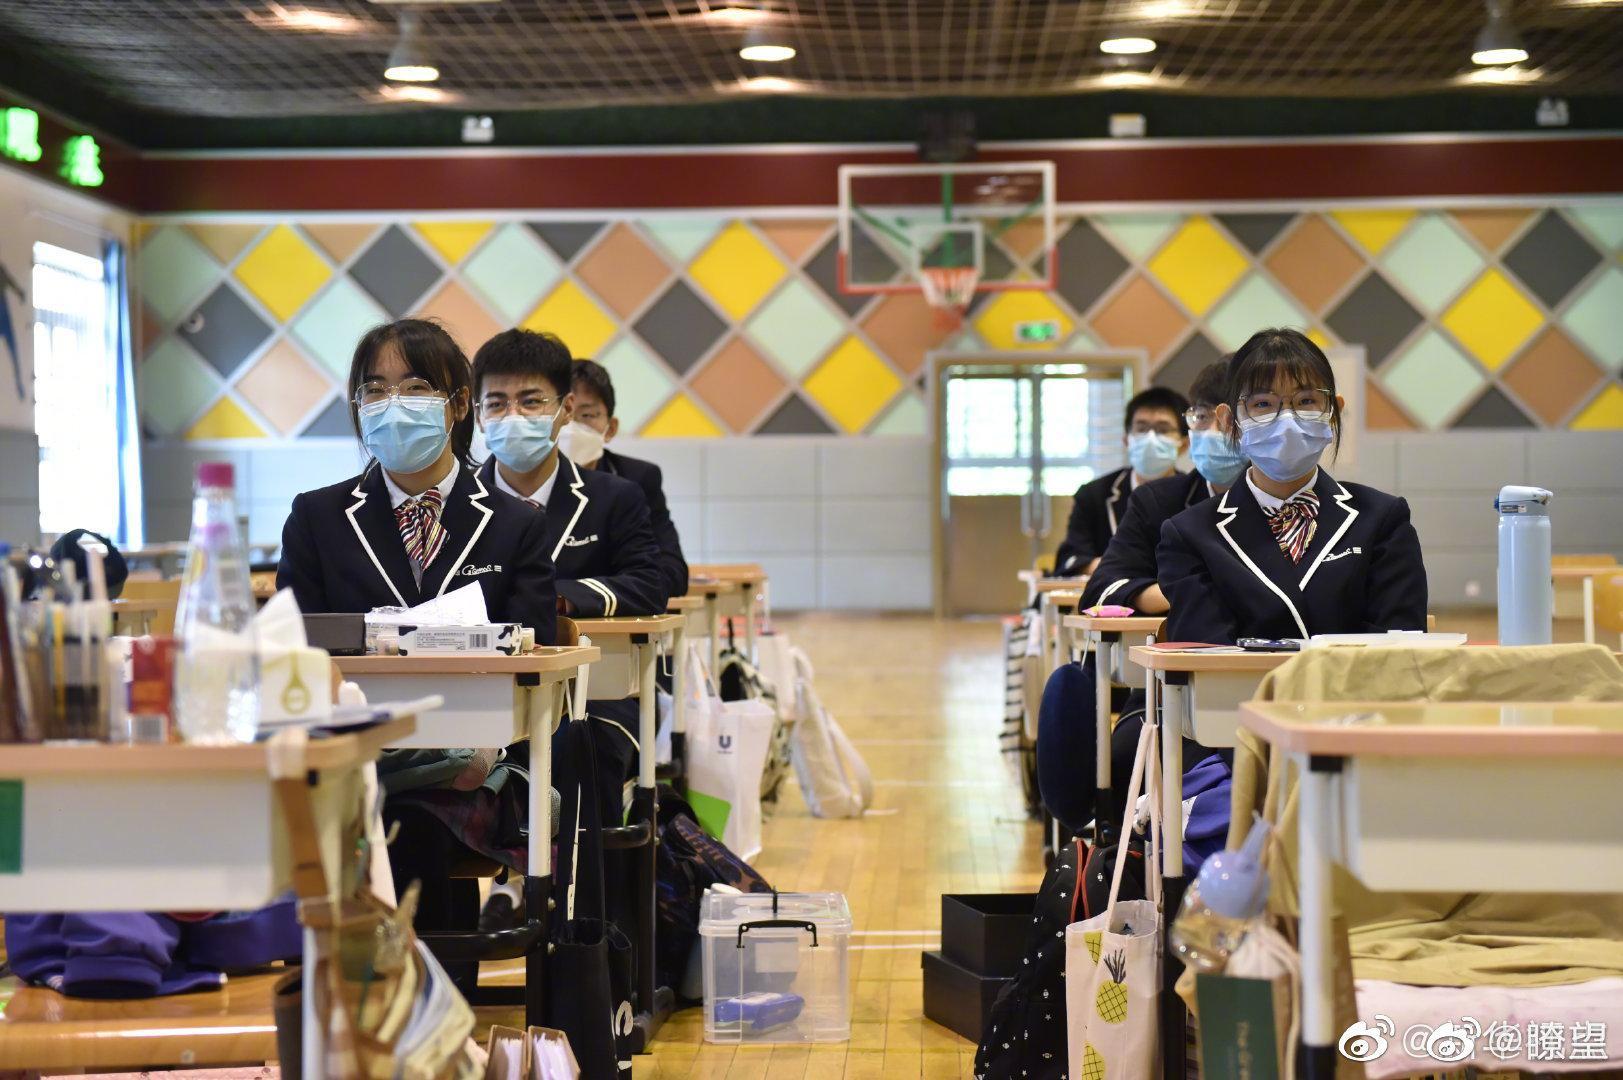 《柳叶刀》:保持足够人际距离可降低新冠病毒感染风险